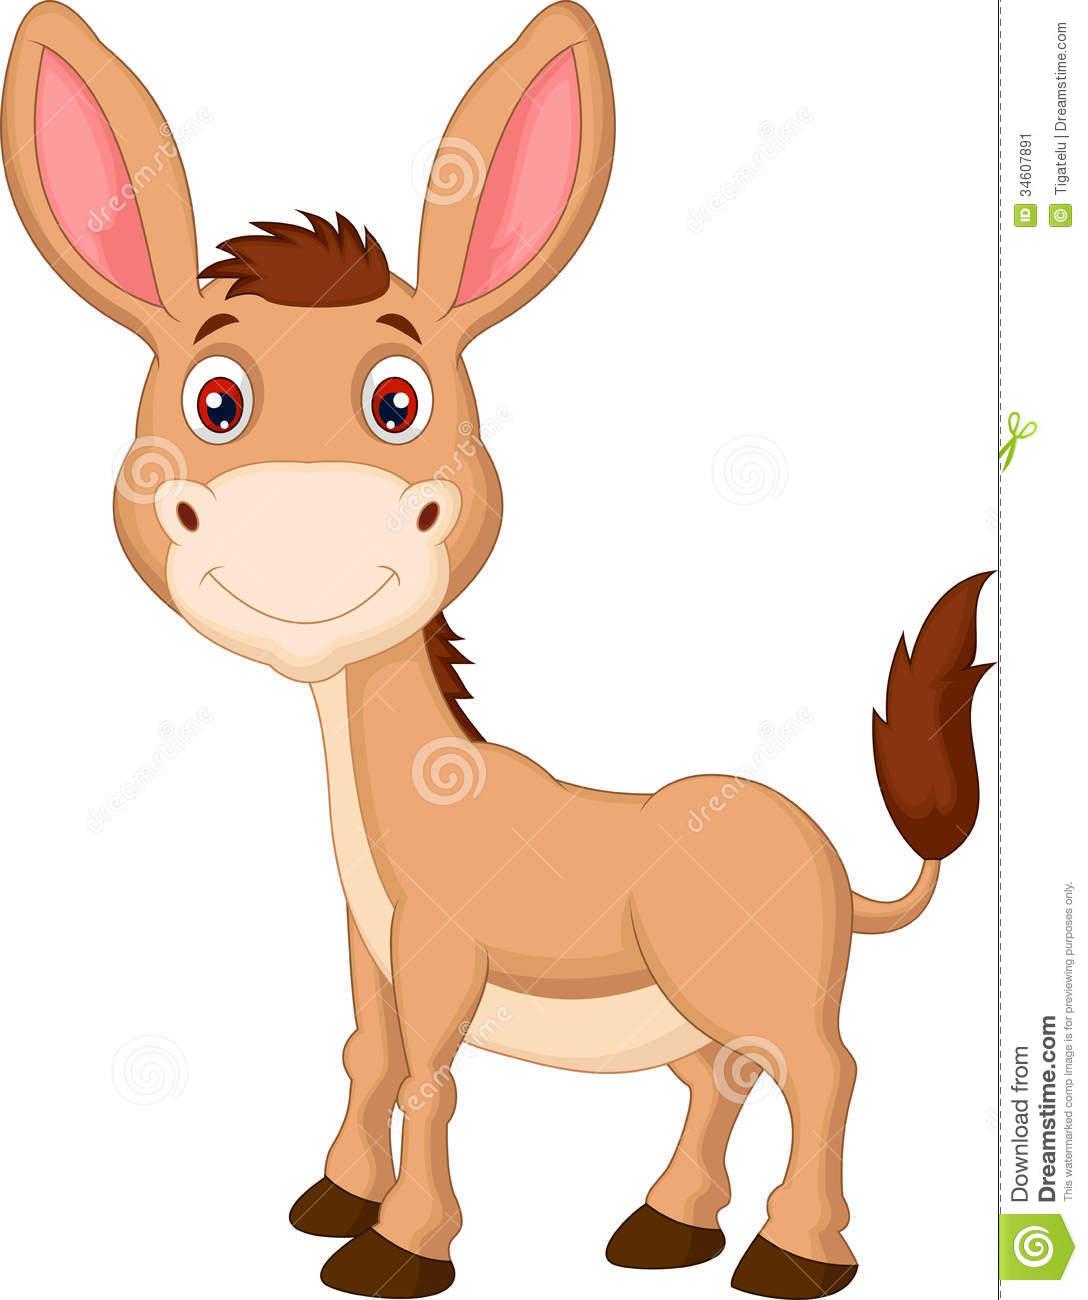 2106 Donkey free clipart.